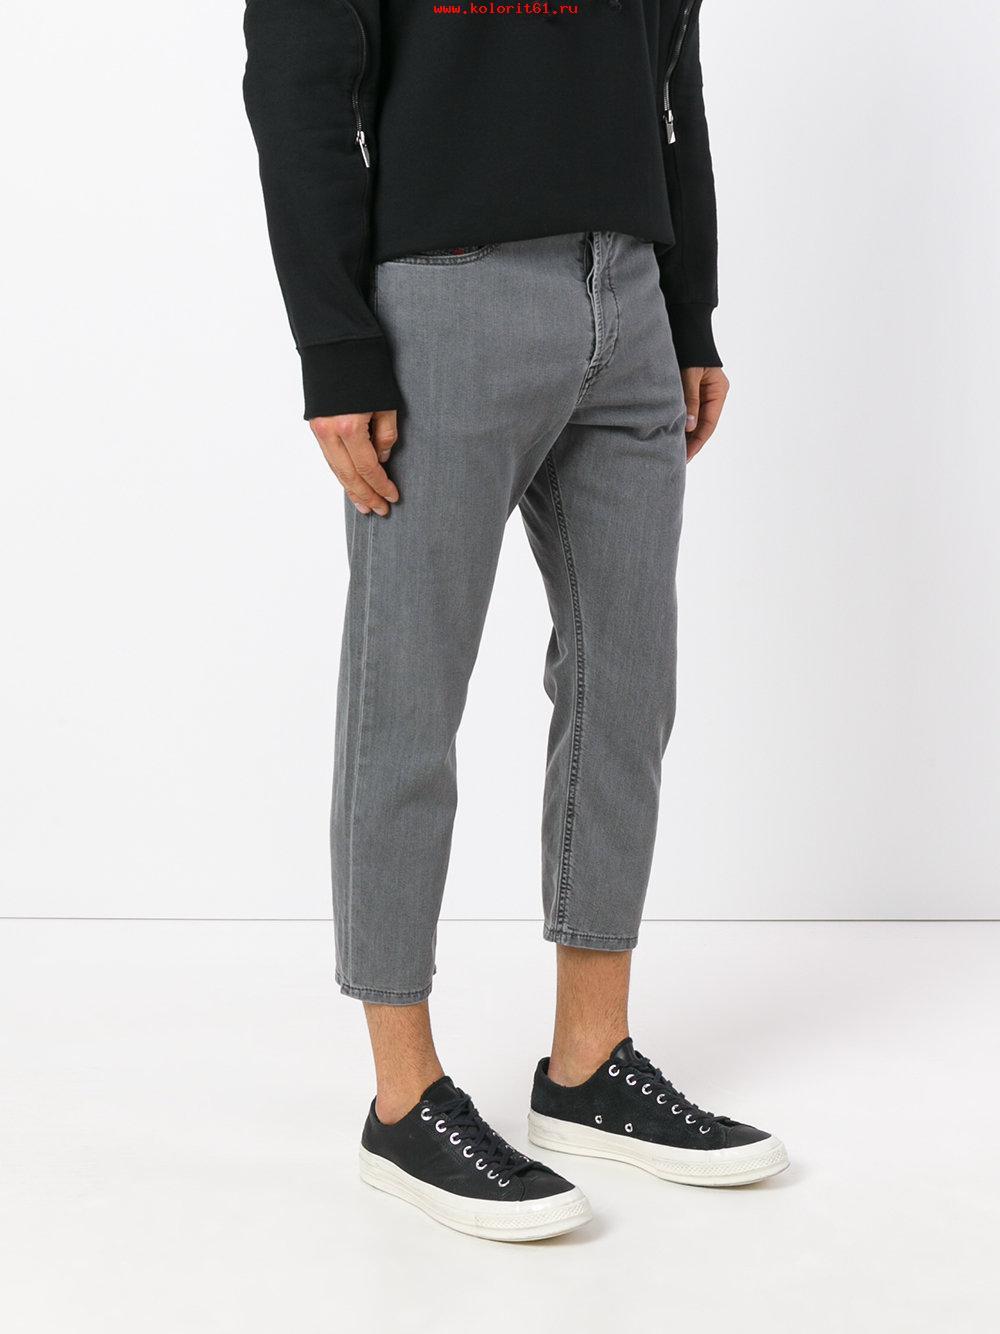 Превосходные мужские джинсы